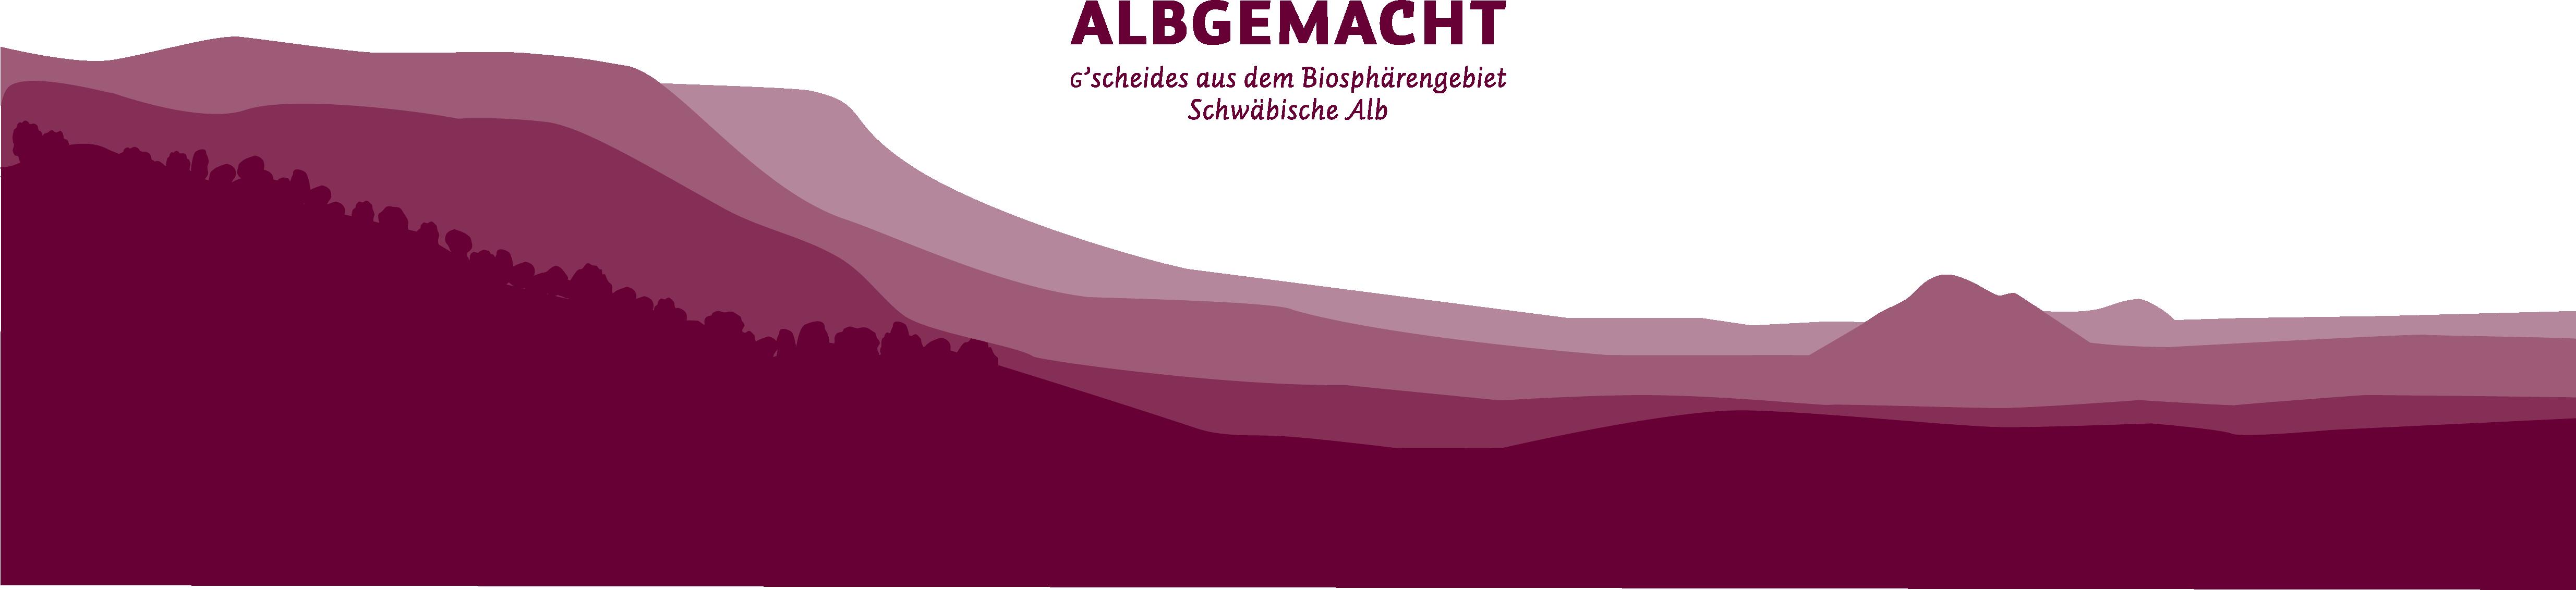 Logo Albgemacht über Albtraufhintergrund: G'scheides aus dem Biosphörengebiet Schwäbische Alb